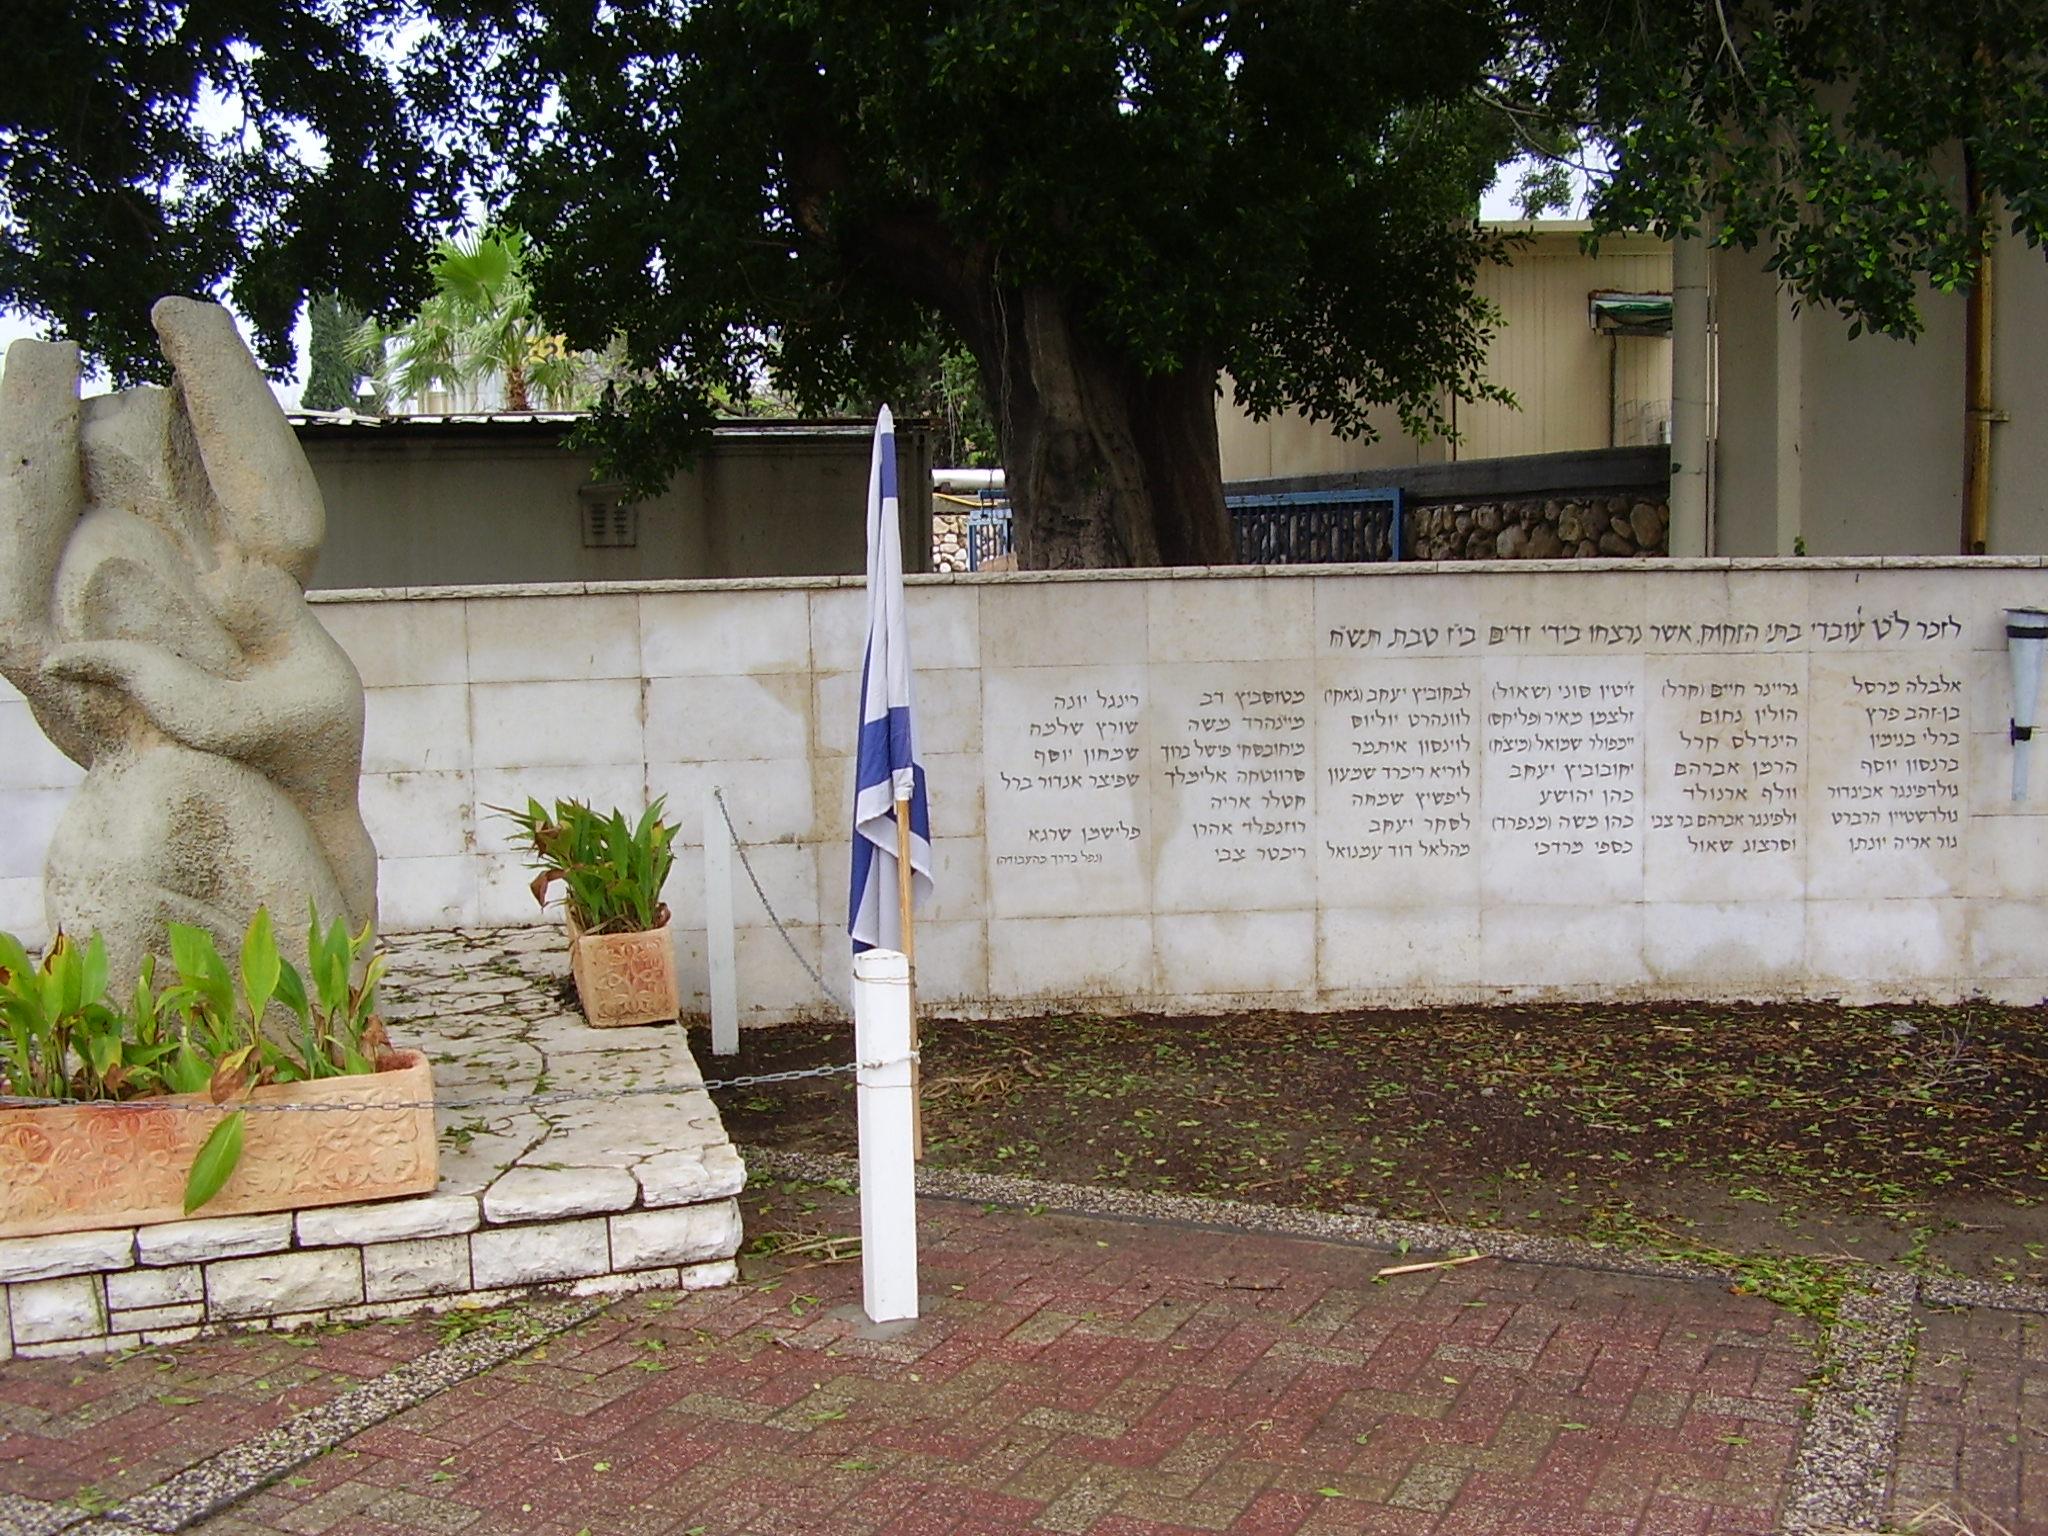 אנדרטה בחצר בתי הזיקוק, לעובדי בתי הזיקוק שנרצחו על ידי ערבים ב-30/12/1947